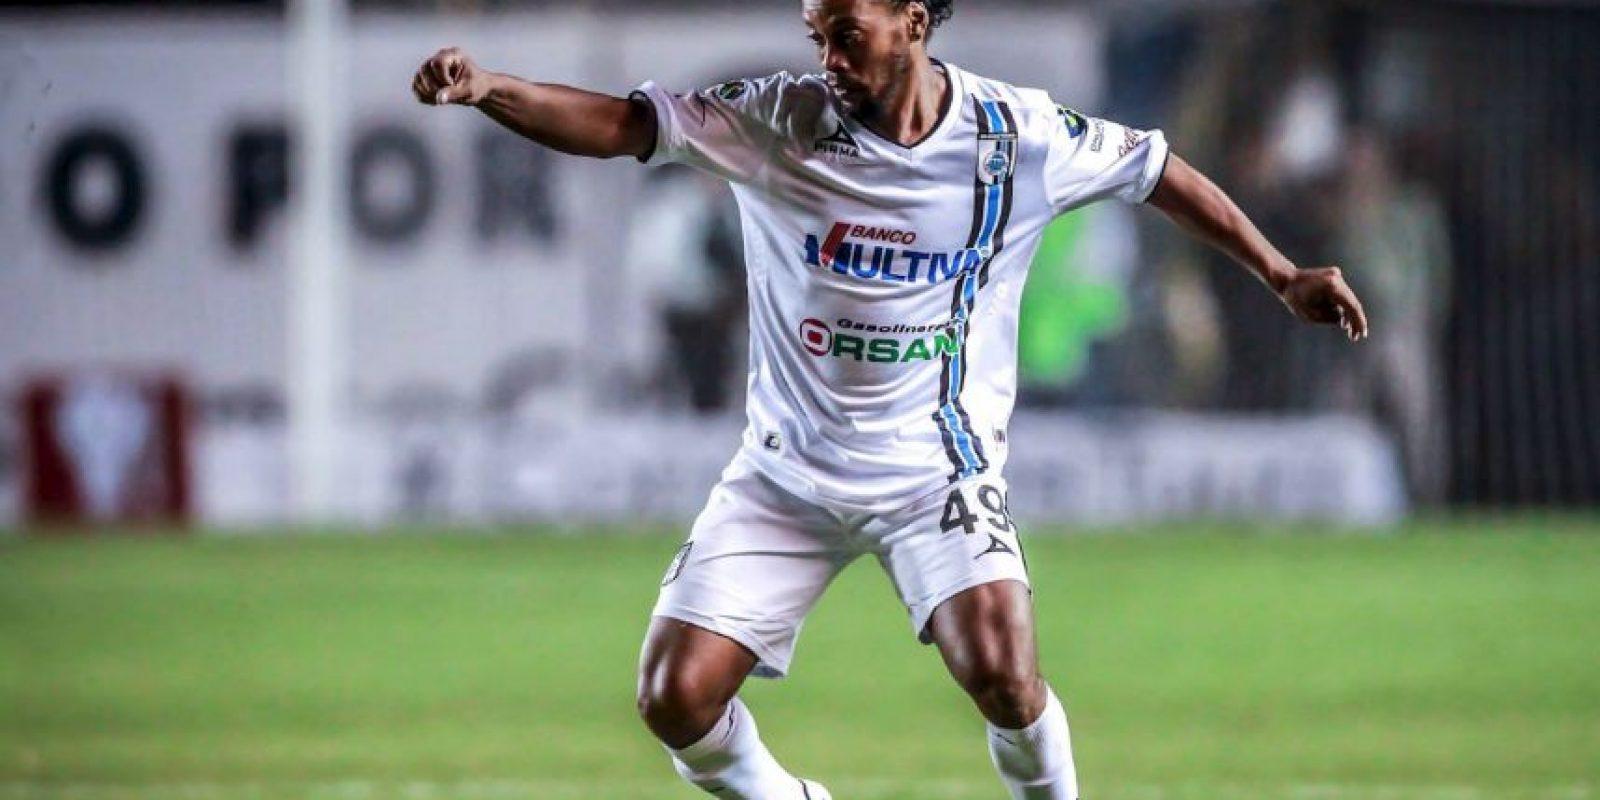 Aún así la gente lo adora y paga un boleto para verlo jugar Foto:Facebook: Ronaldinho Gaúcho